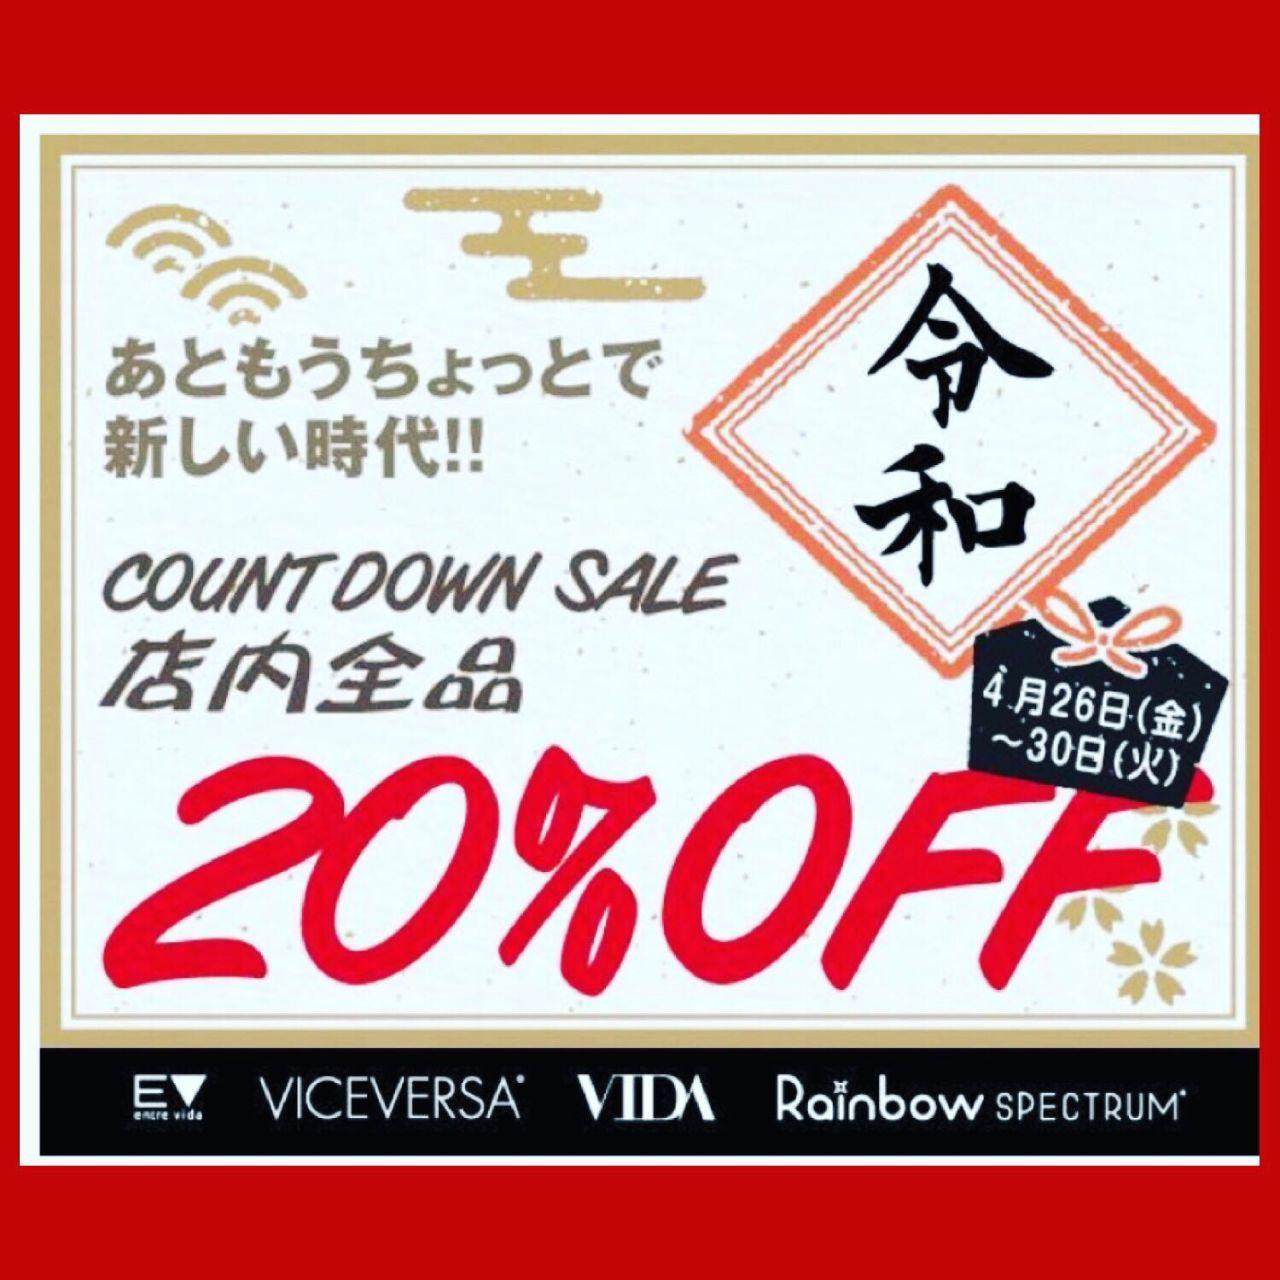 「平成最期の20%オフ!!」の写真